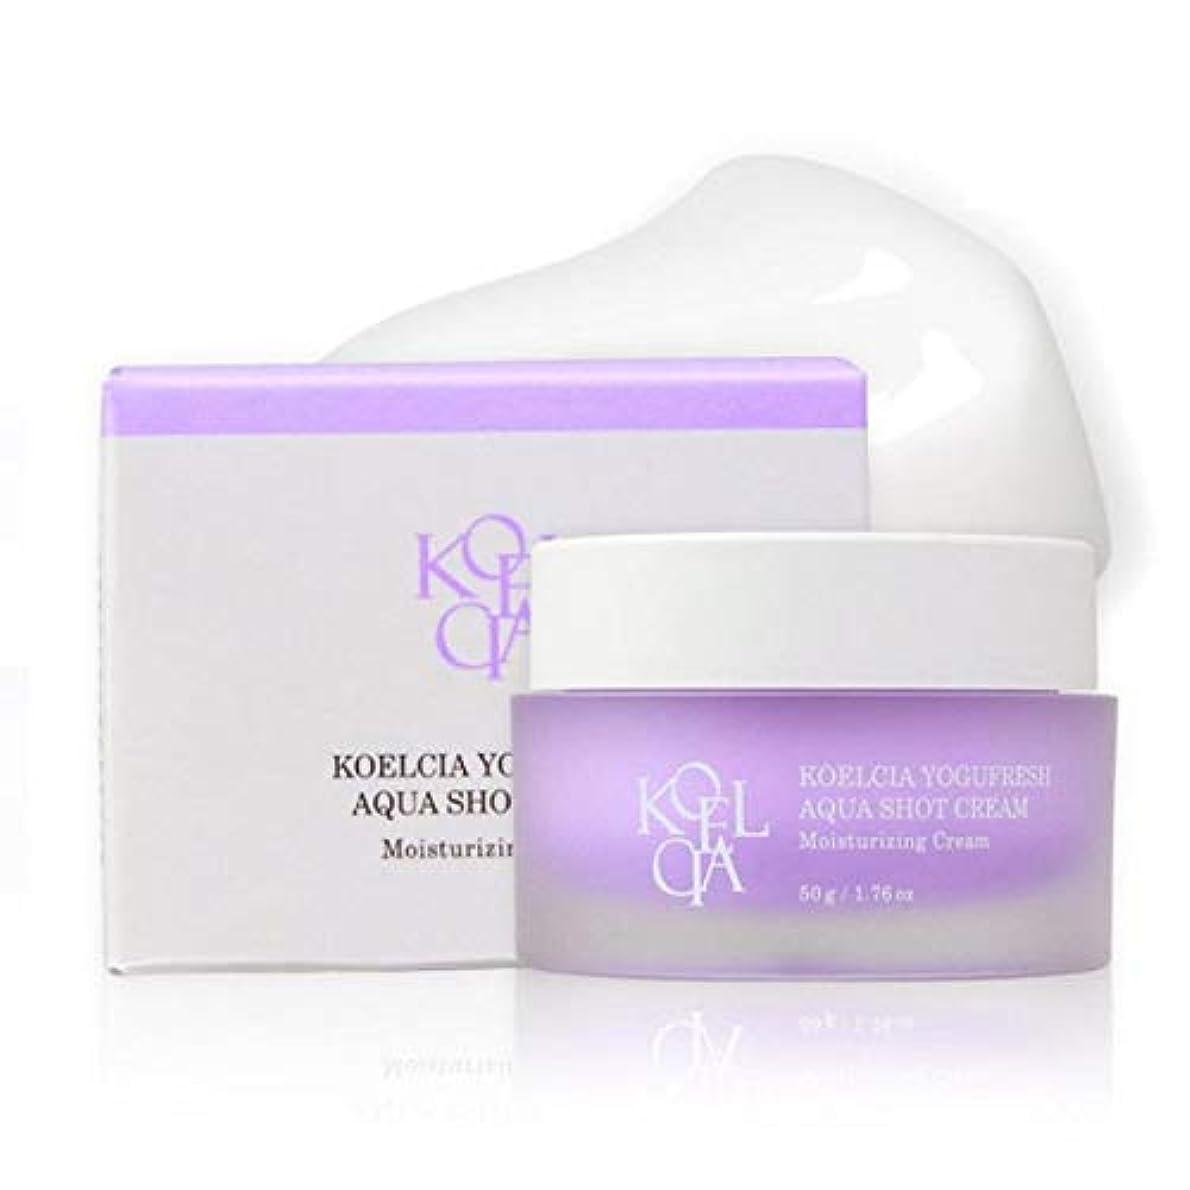 最初にうがい薬宣言するKOELCIA YOGUFRESH AQUA SHOT CREAM 50g/Hot K-Beauty Best Moisture Cream/Korea Cosmetics [並行輸入品]